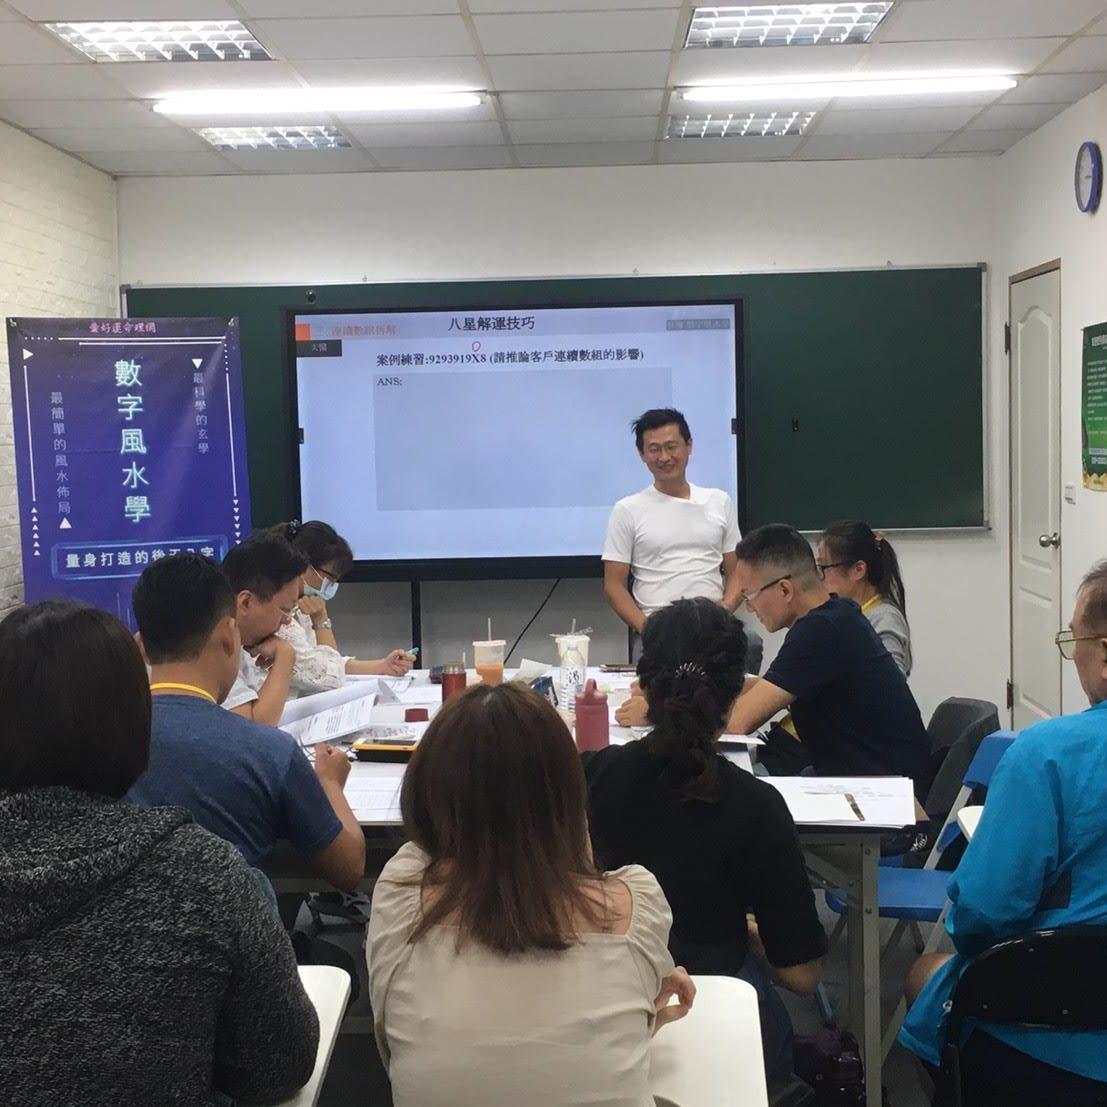 林博數字風水全修班 - 台南班